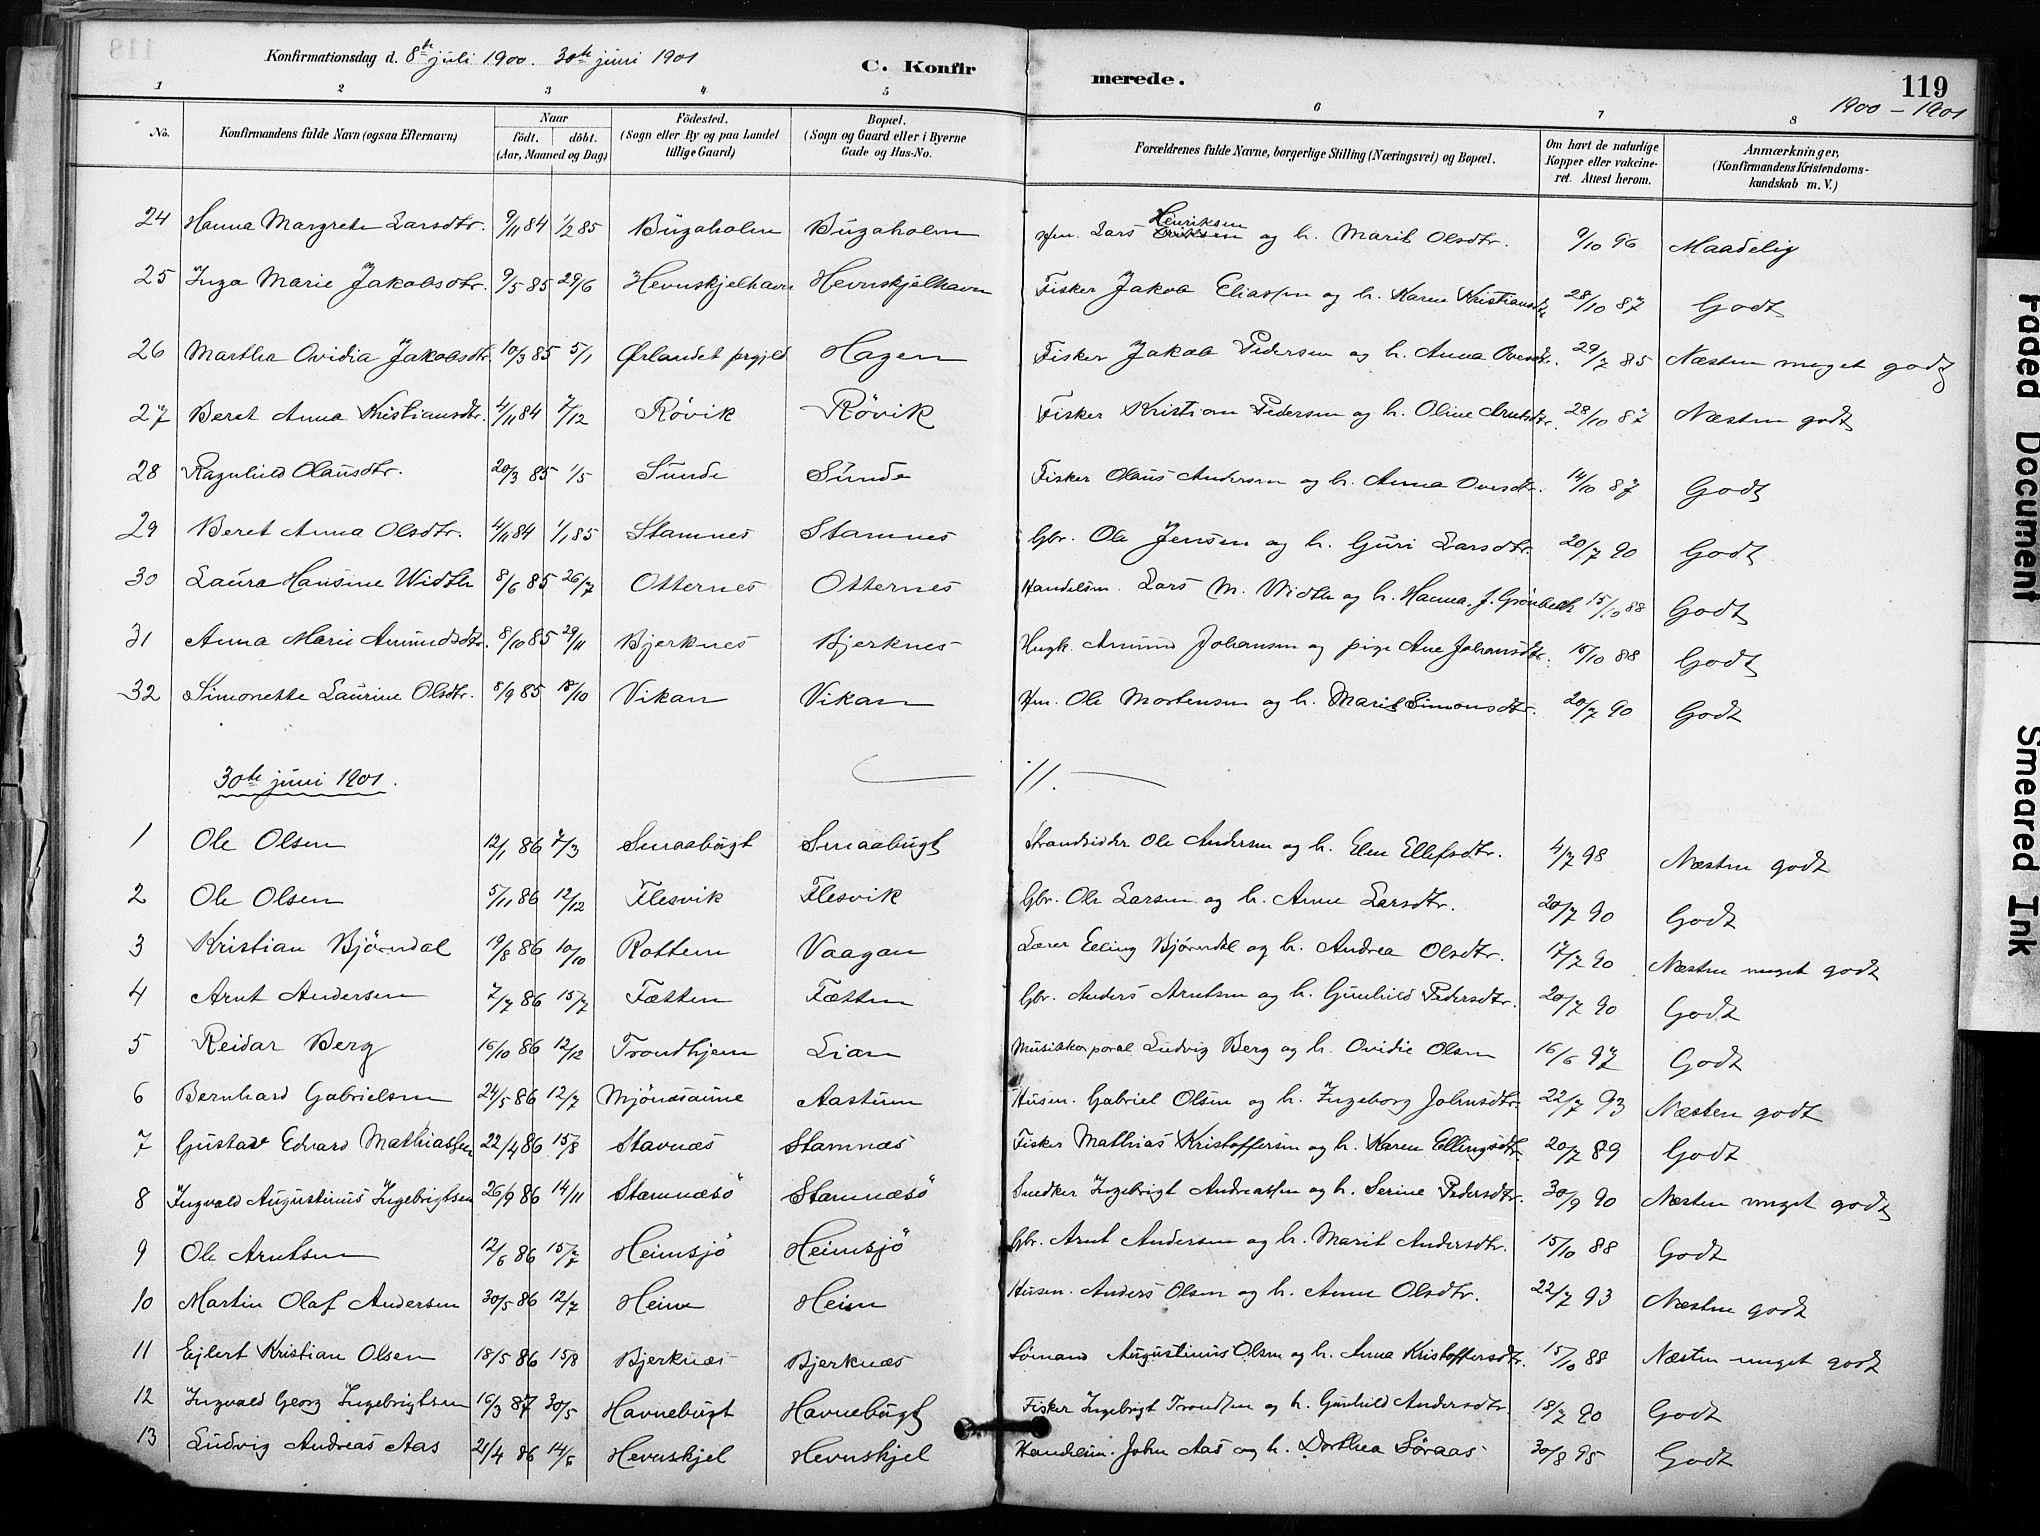 SAT, Ministerialprotokoller, klokkerbøker og fødselsregistre - Sør-Trøndelag, 633/L0518: Ministerialbok nr. 633A01, 1884-1906, s. 119